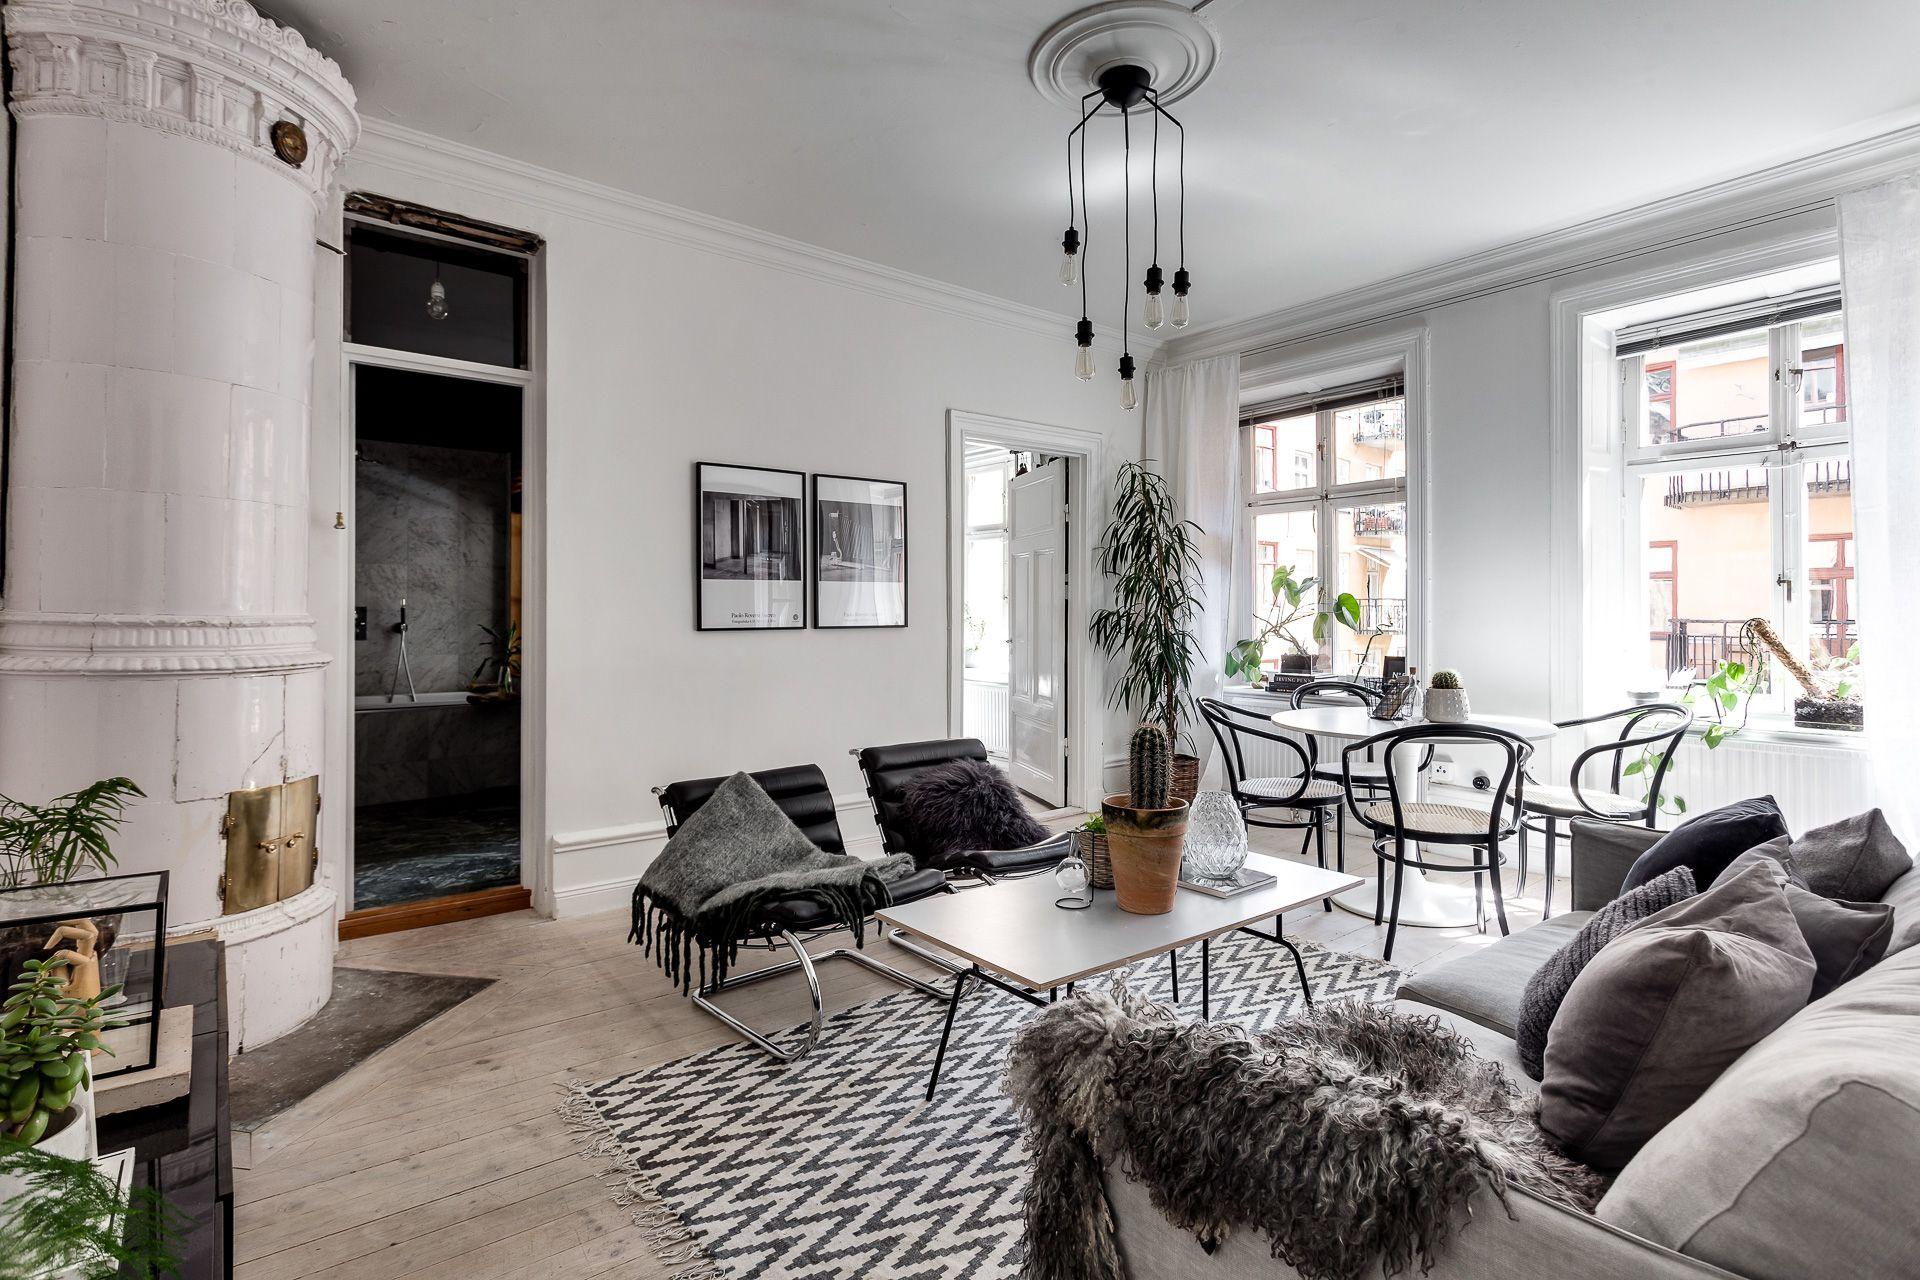 Industriele Inrichting Woonkamer : Afbeeldingsresultaat voor kleine vierkante woonkamer inrichten